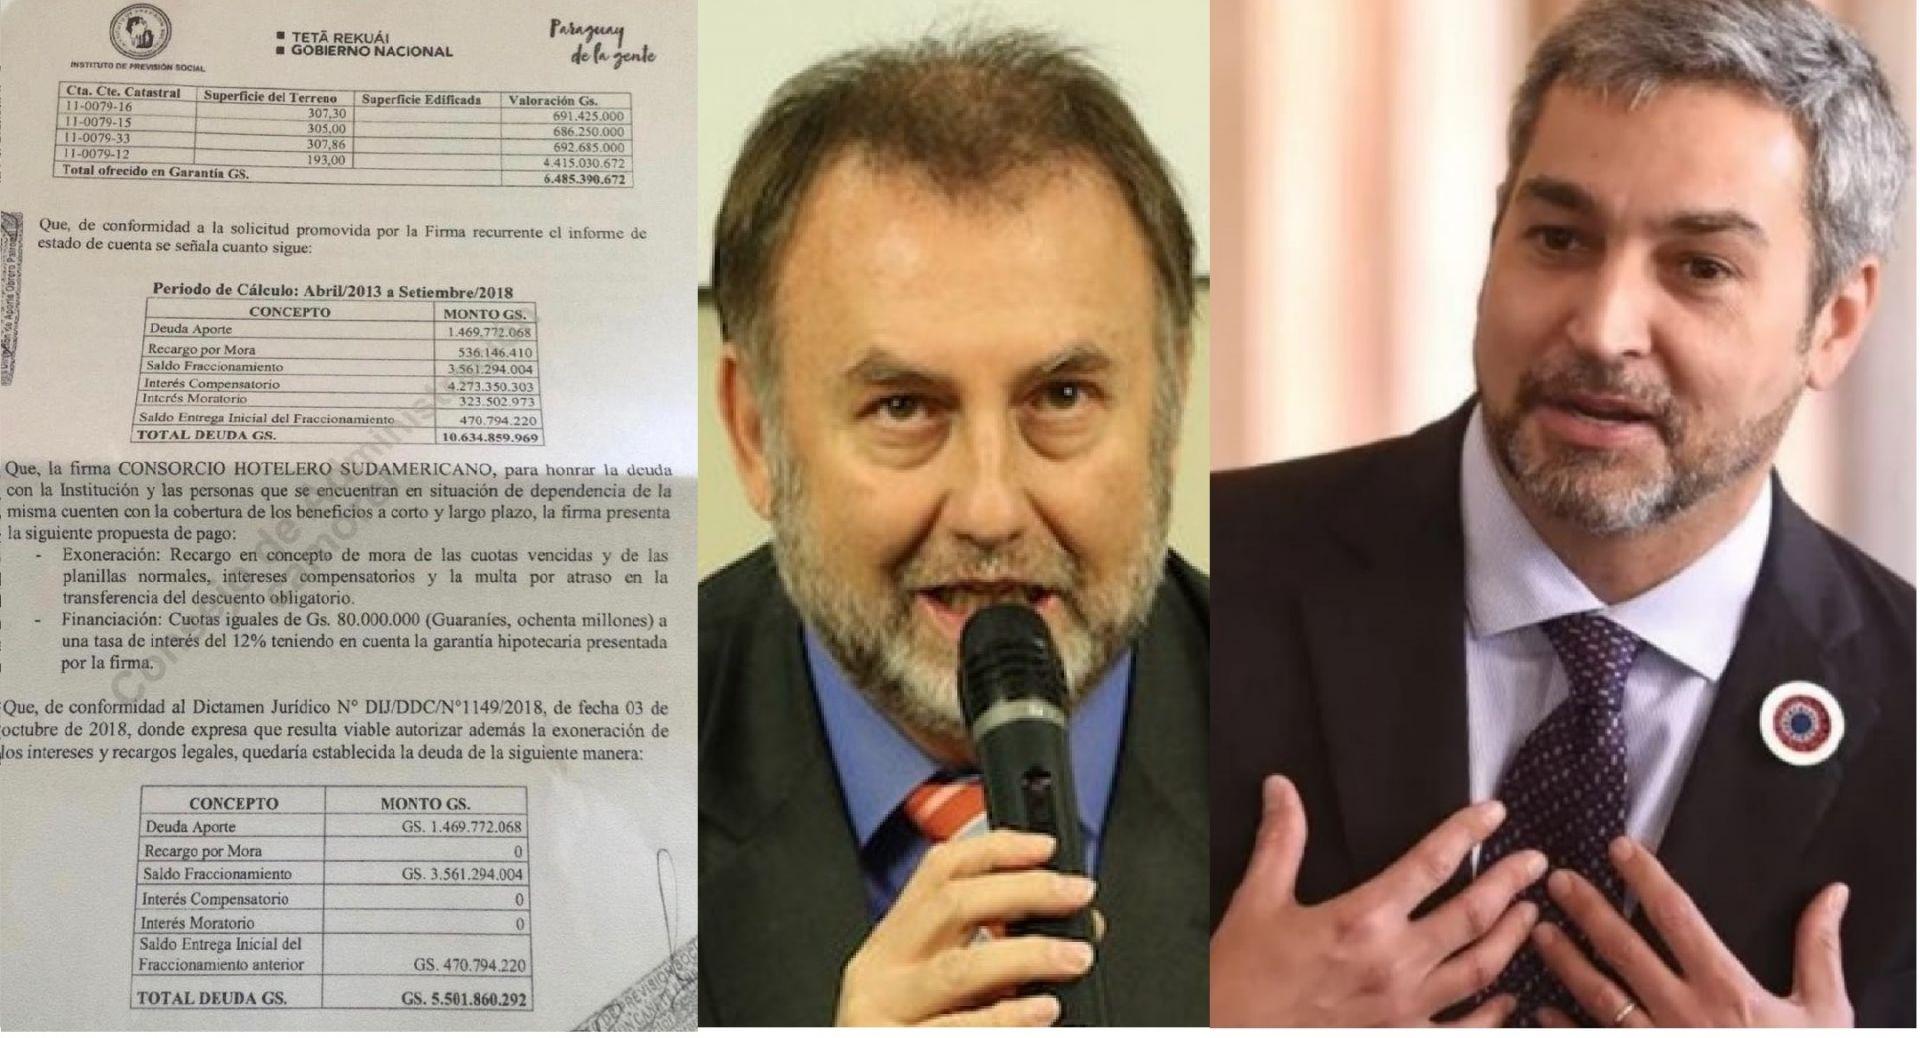 Milagroso y millonario descuento se le hizo al Consorcio Hotelero Sudamericano al asumir el gobierno de la gente.